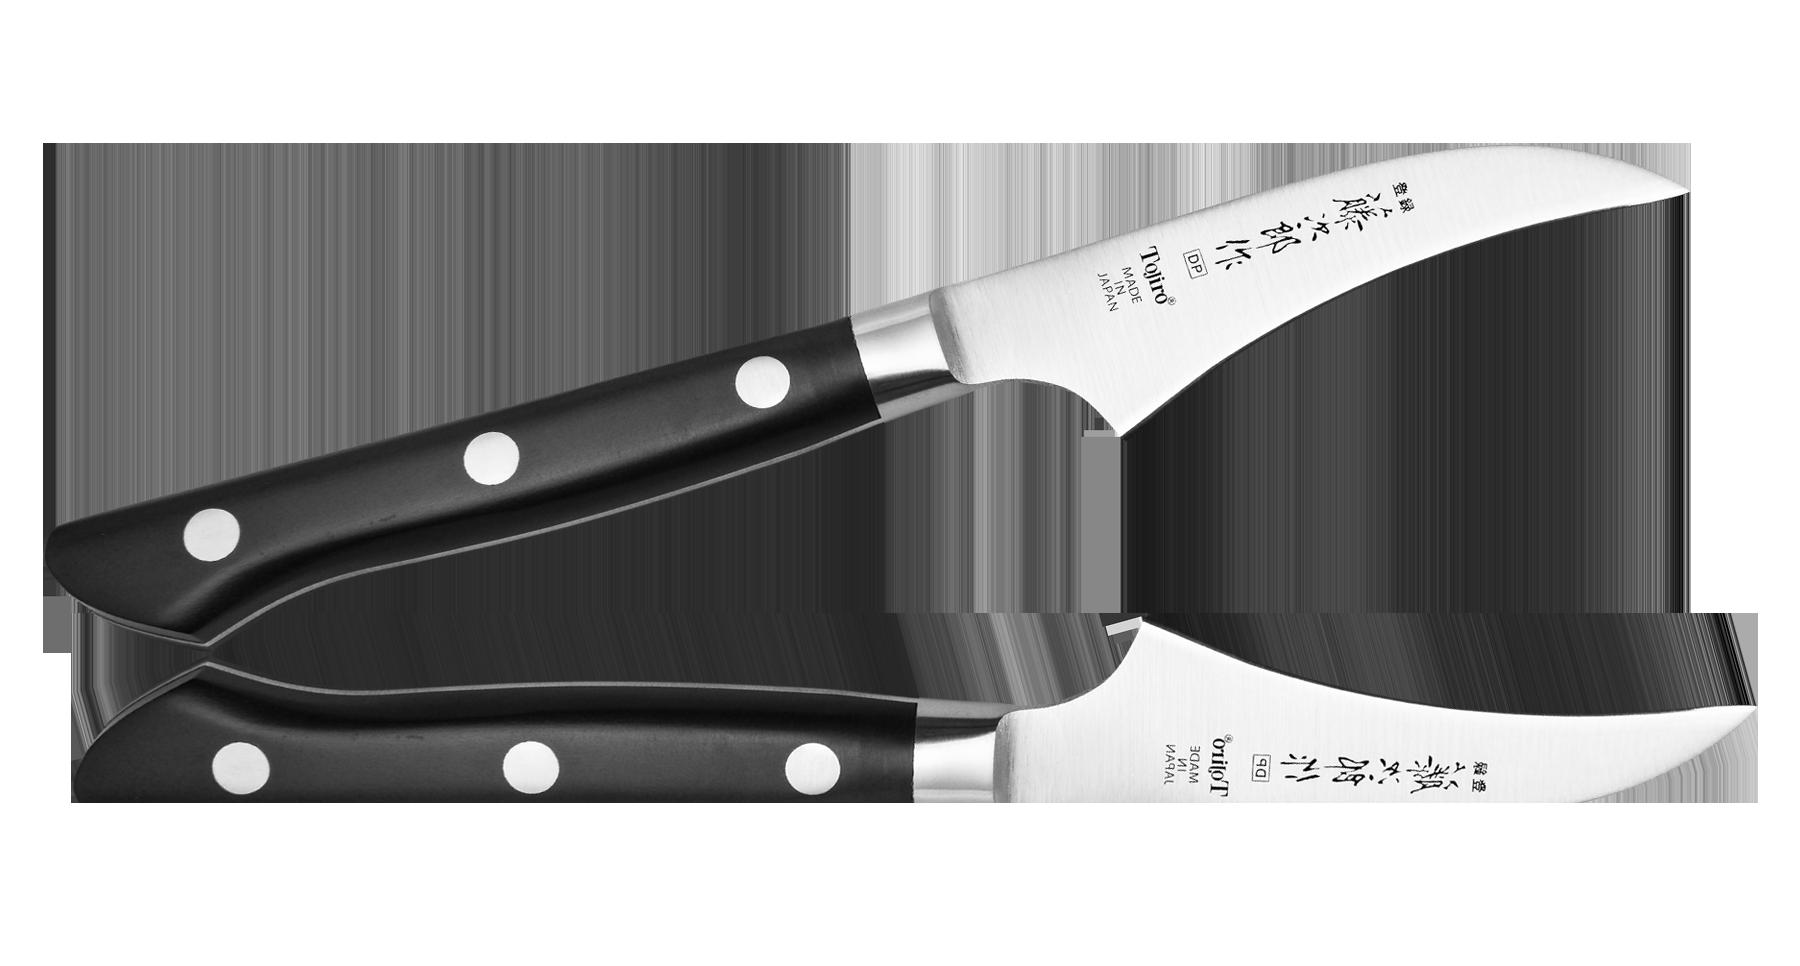 Нож для чистки овощей Western Knife Tojiro, 70 мм, сталь VG-10